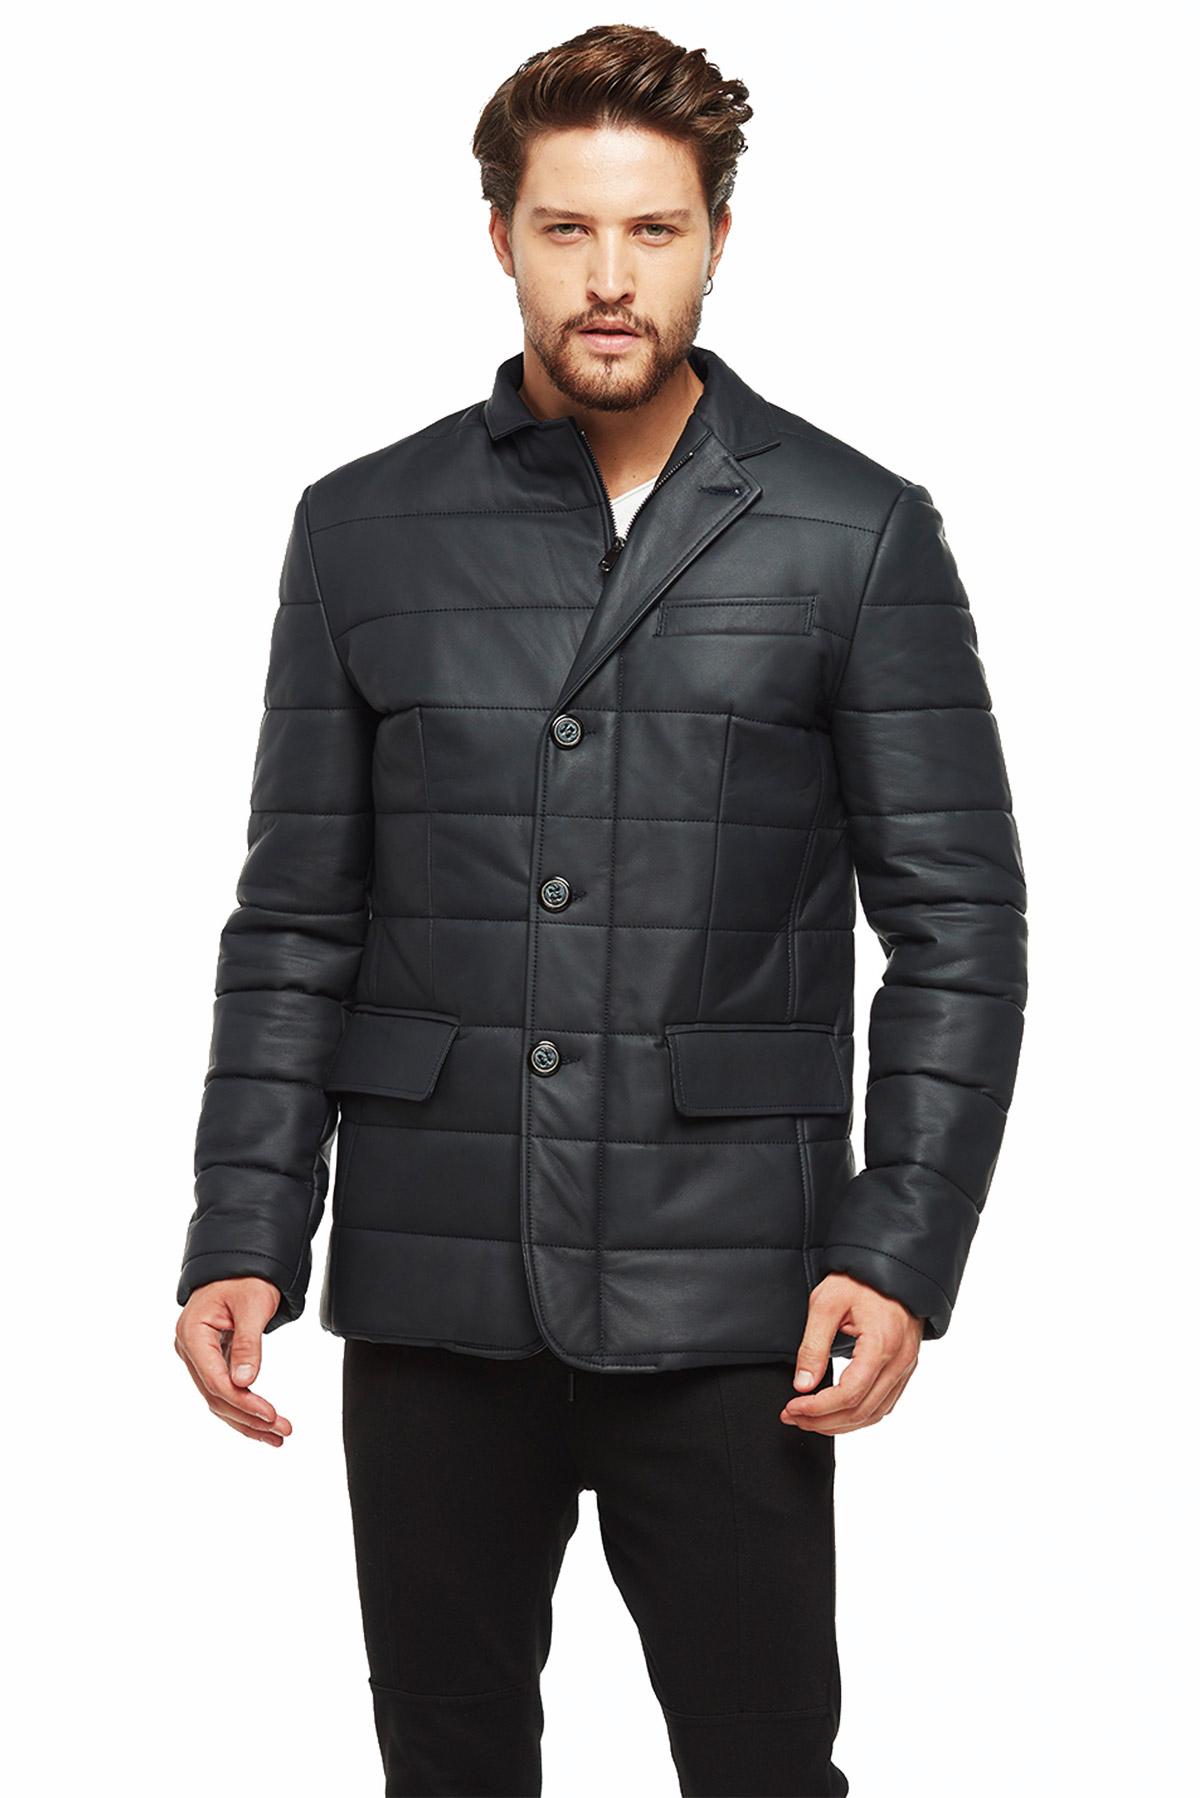 vince men's leather jacket